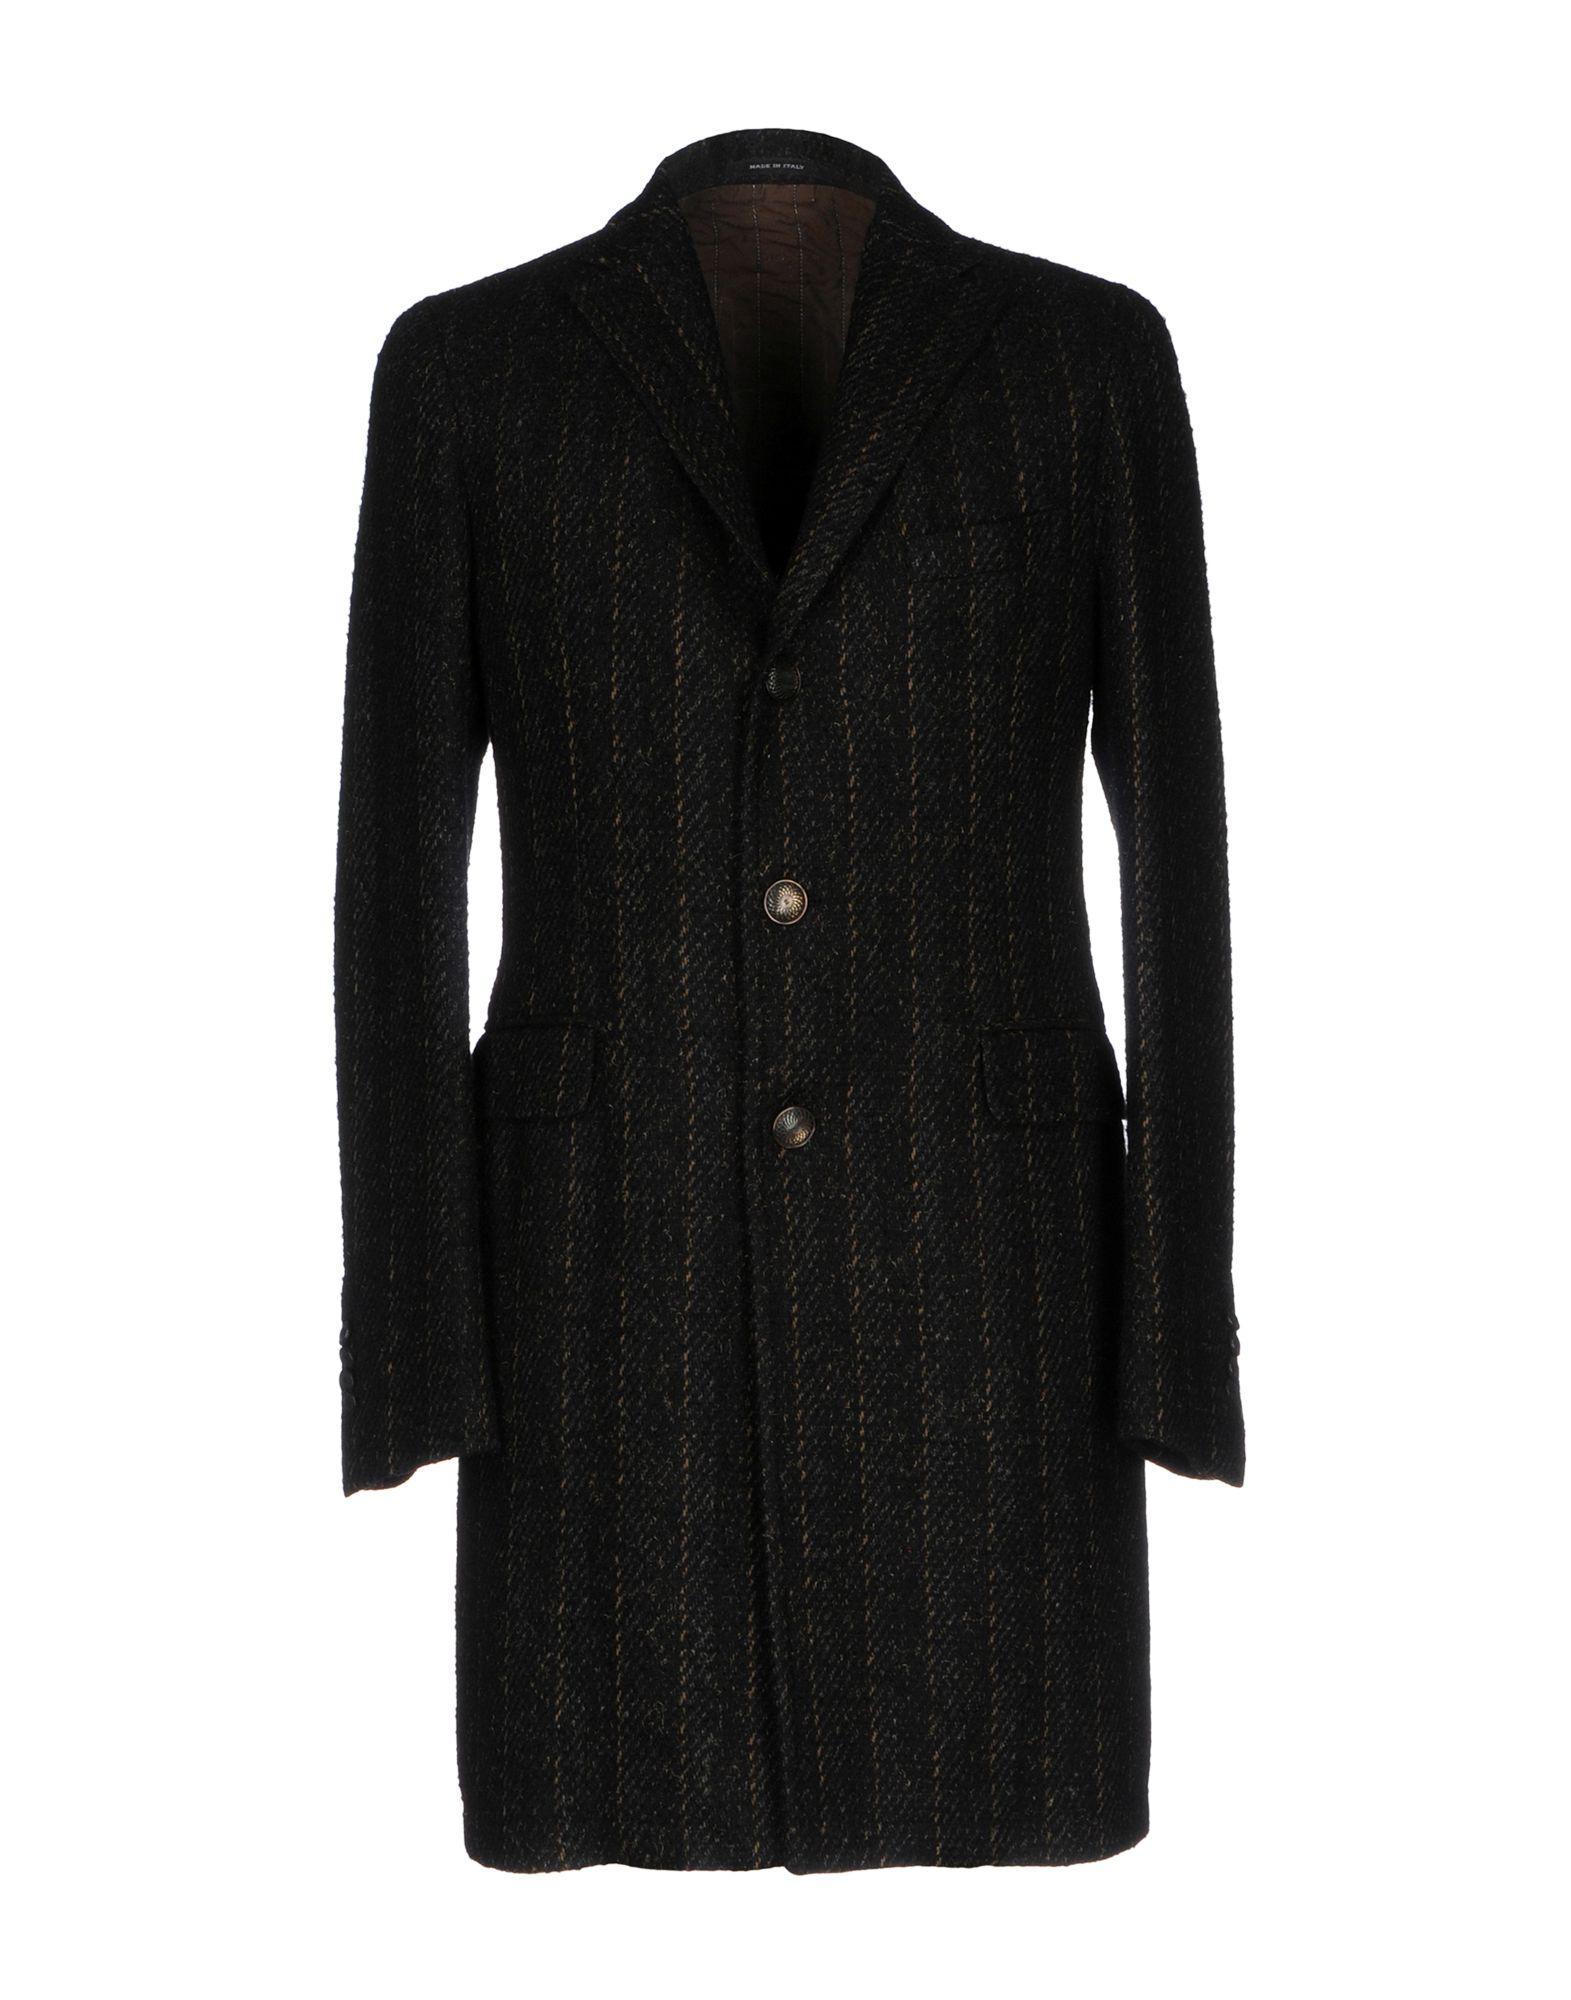 Tagliatore Coats In Black